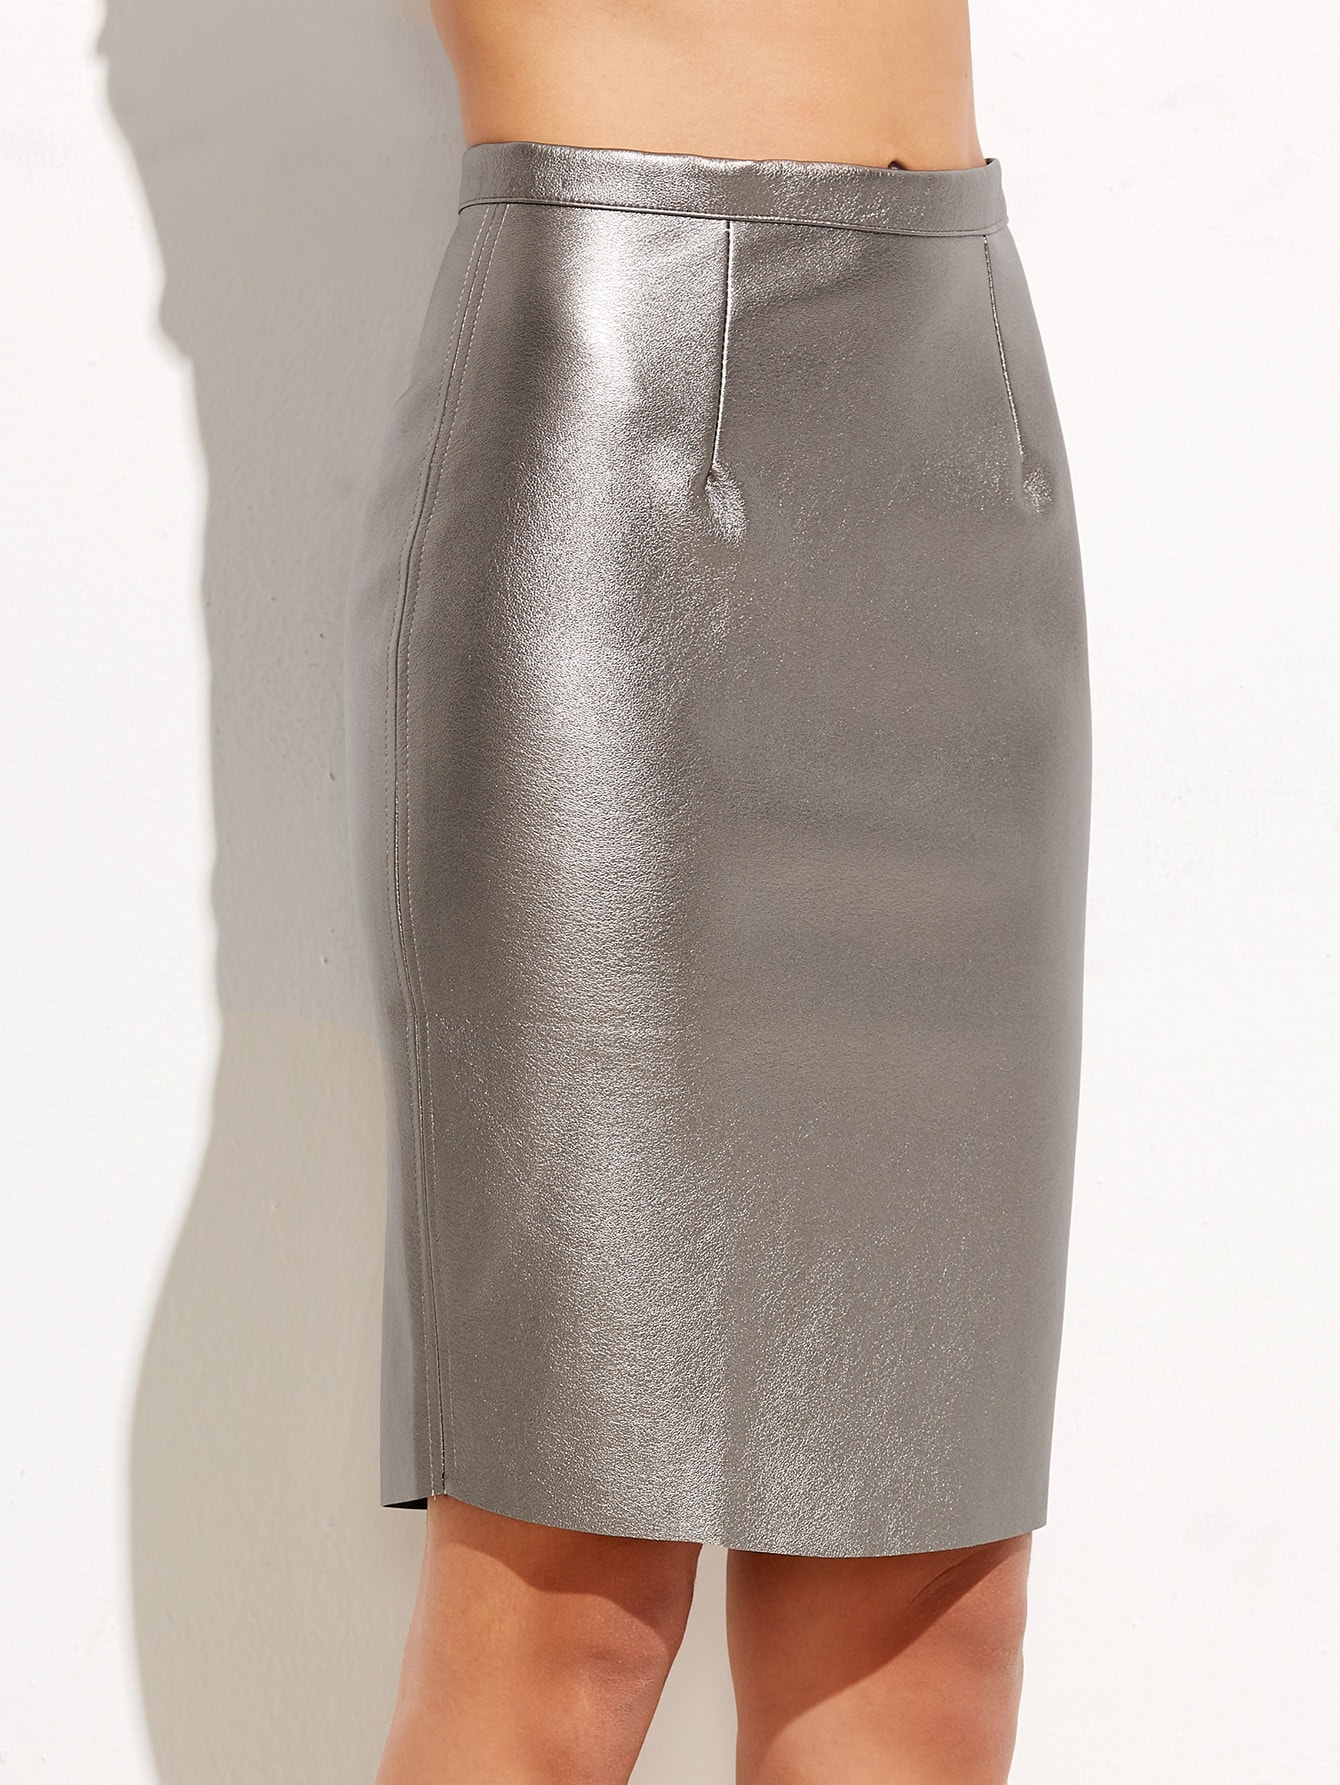 Silver Zipper Back Metal Skirt